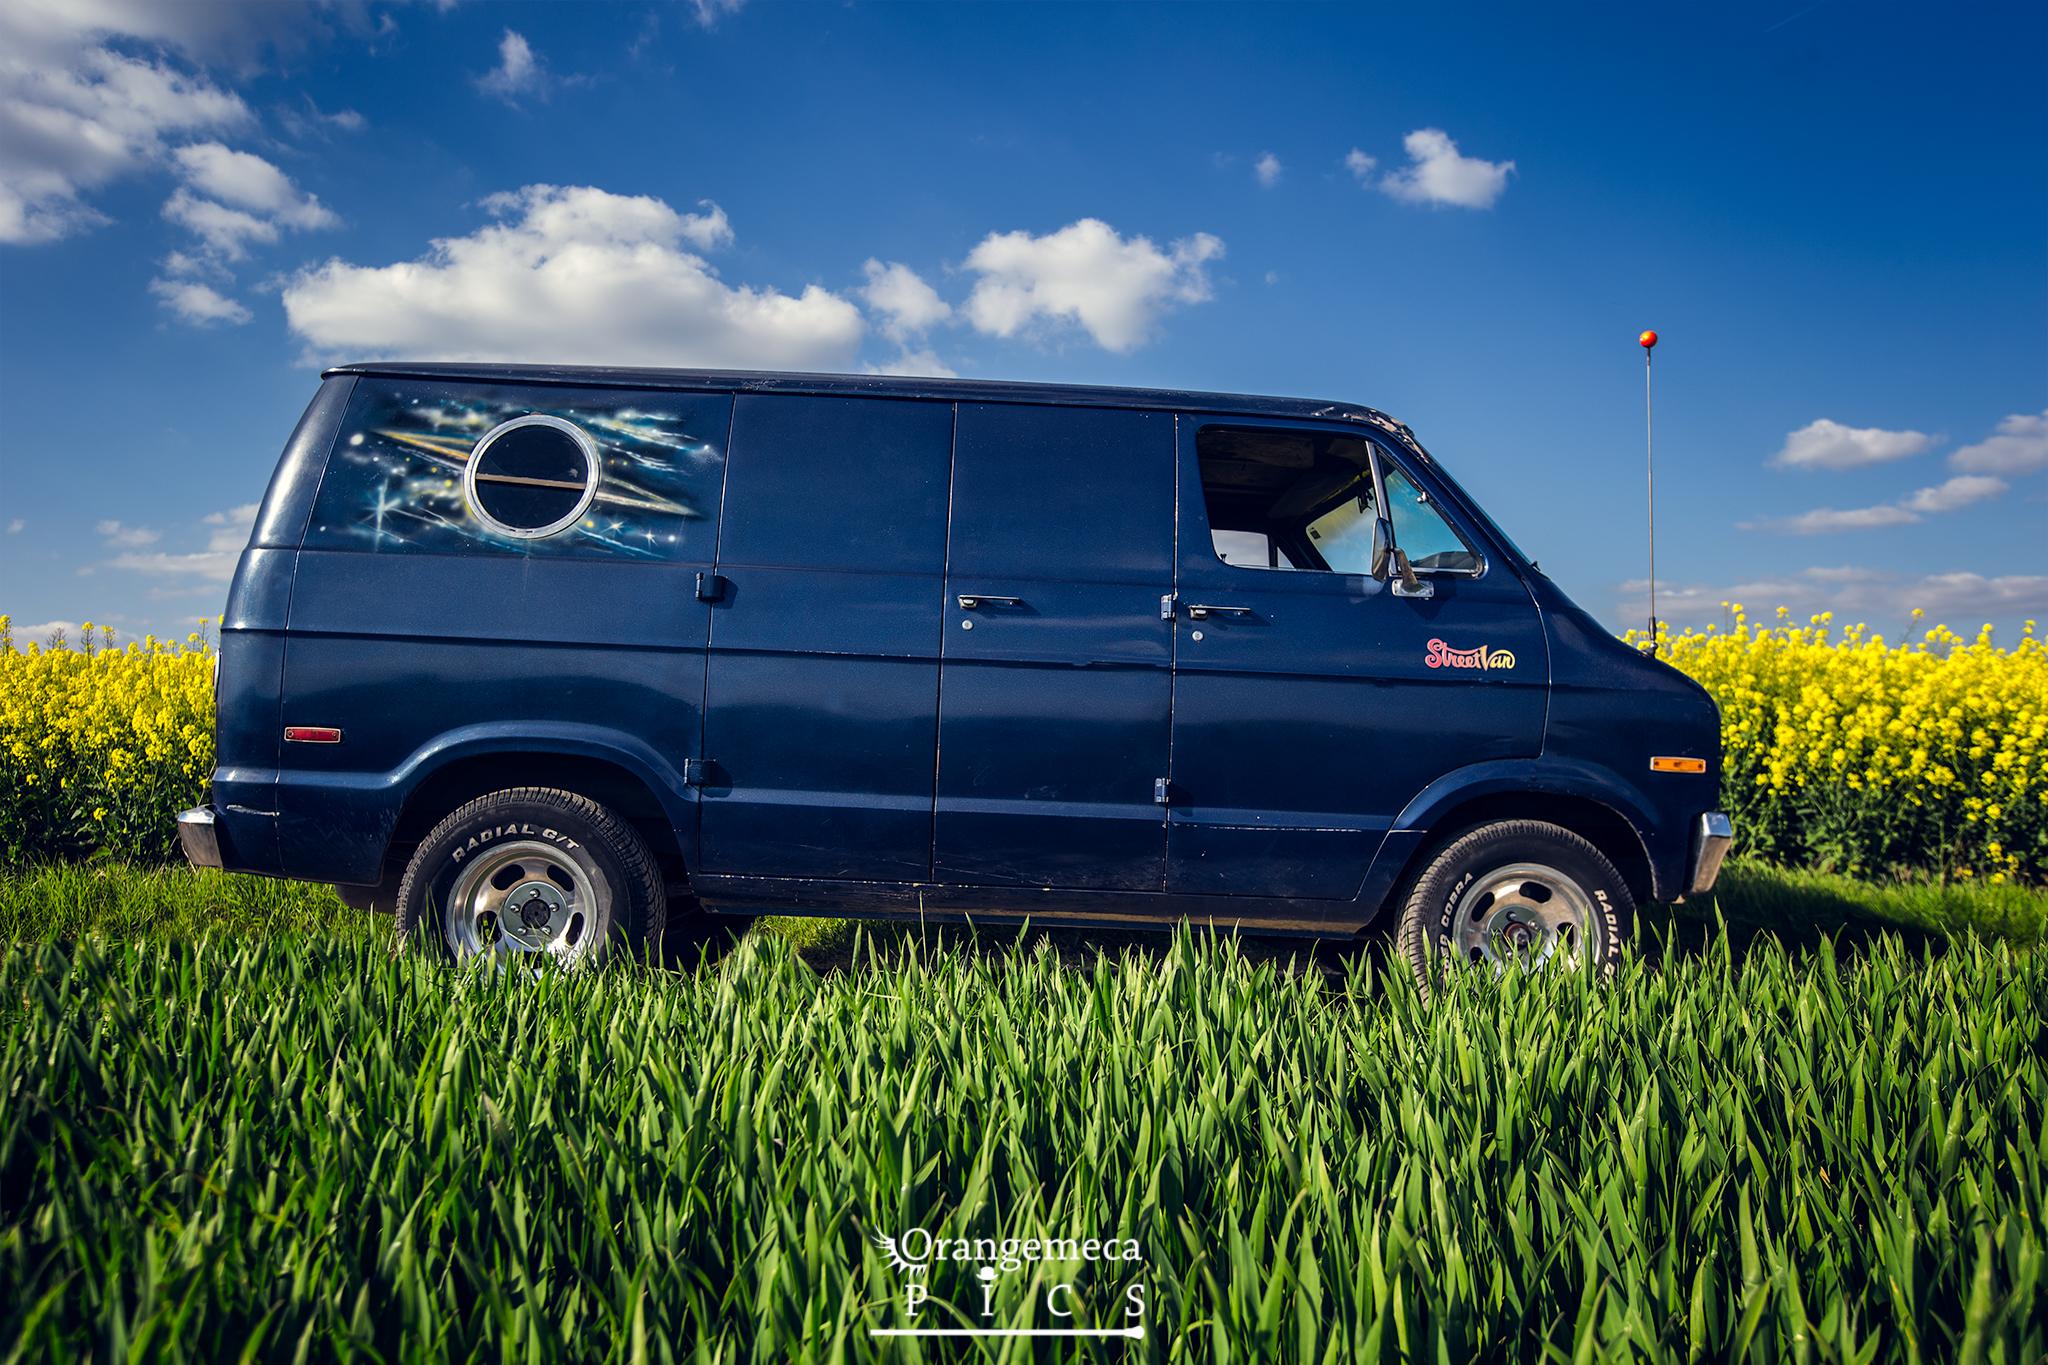 [Concours interne] Photo de saison (printemps 2017)  - Page 2 Van